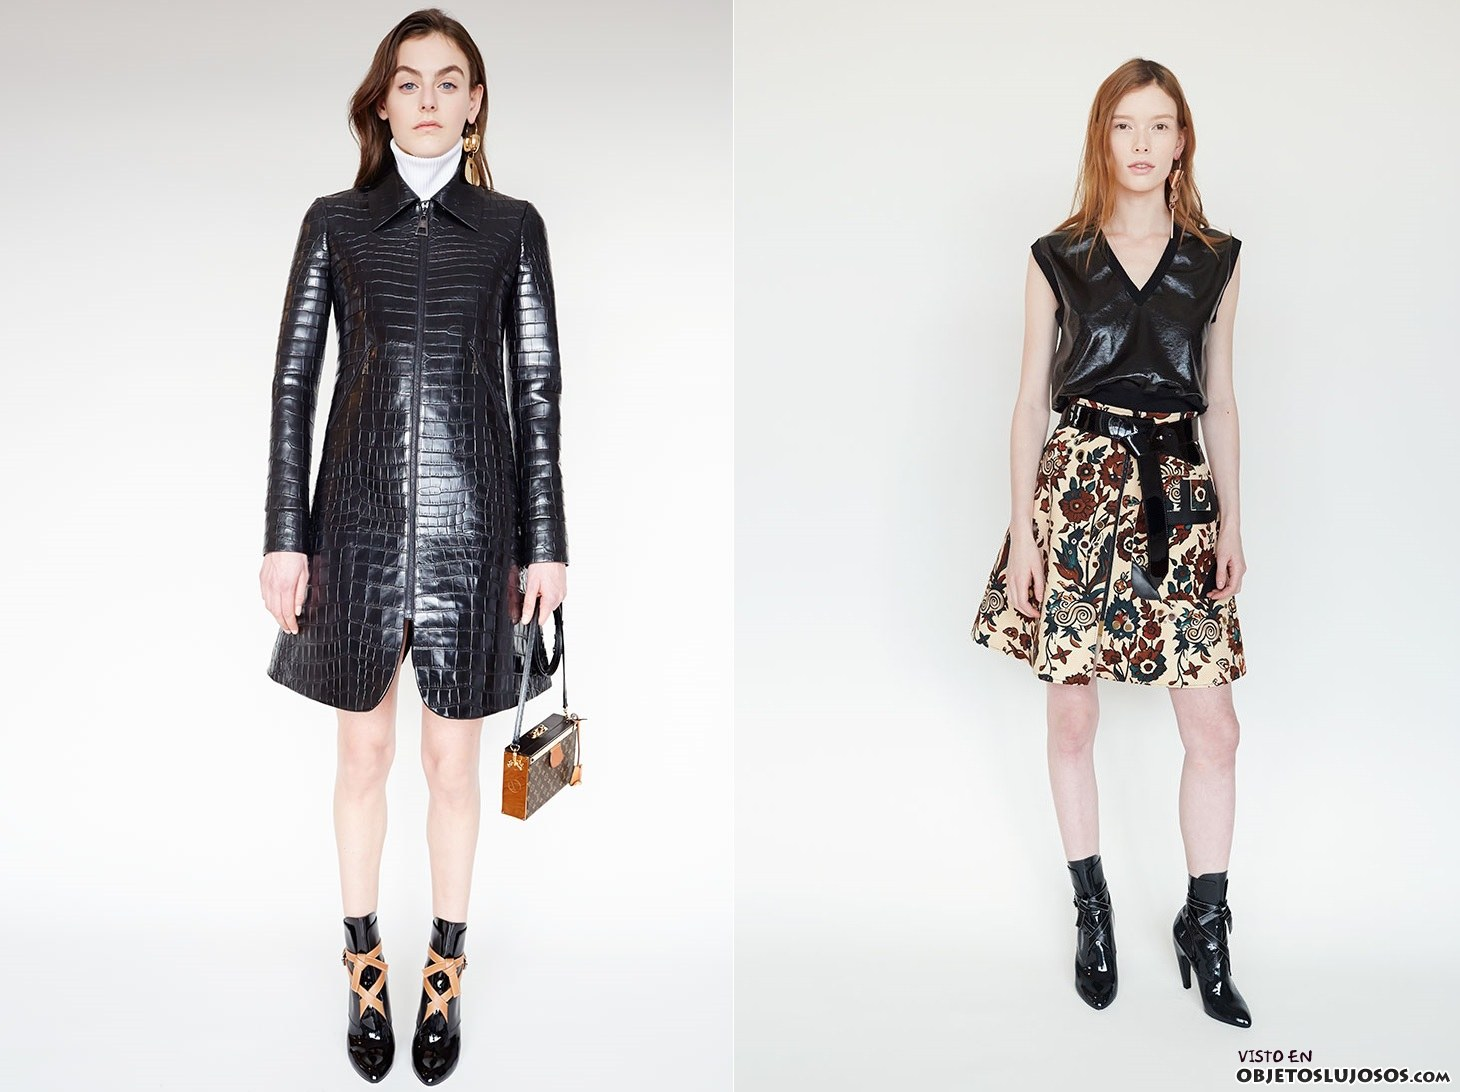 colecciones de moda Louis Vuitton